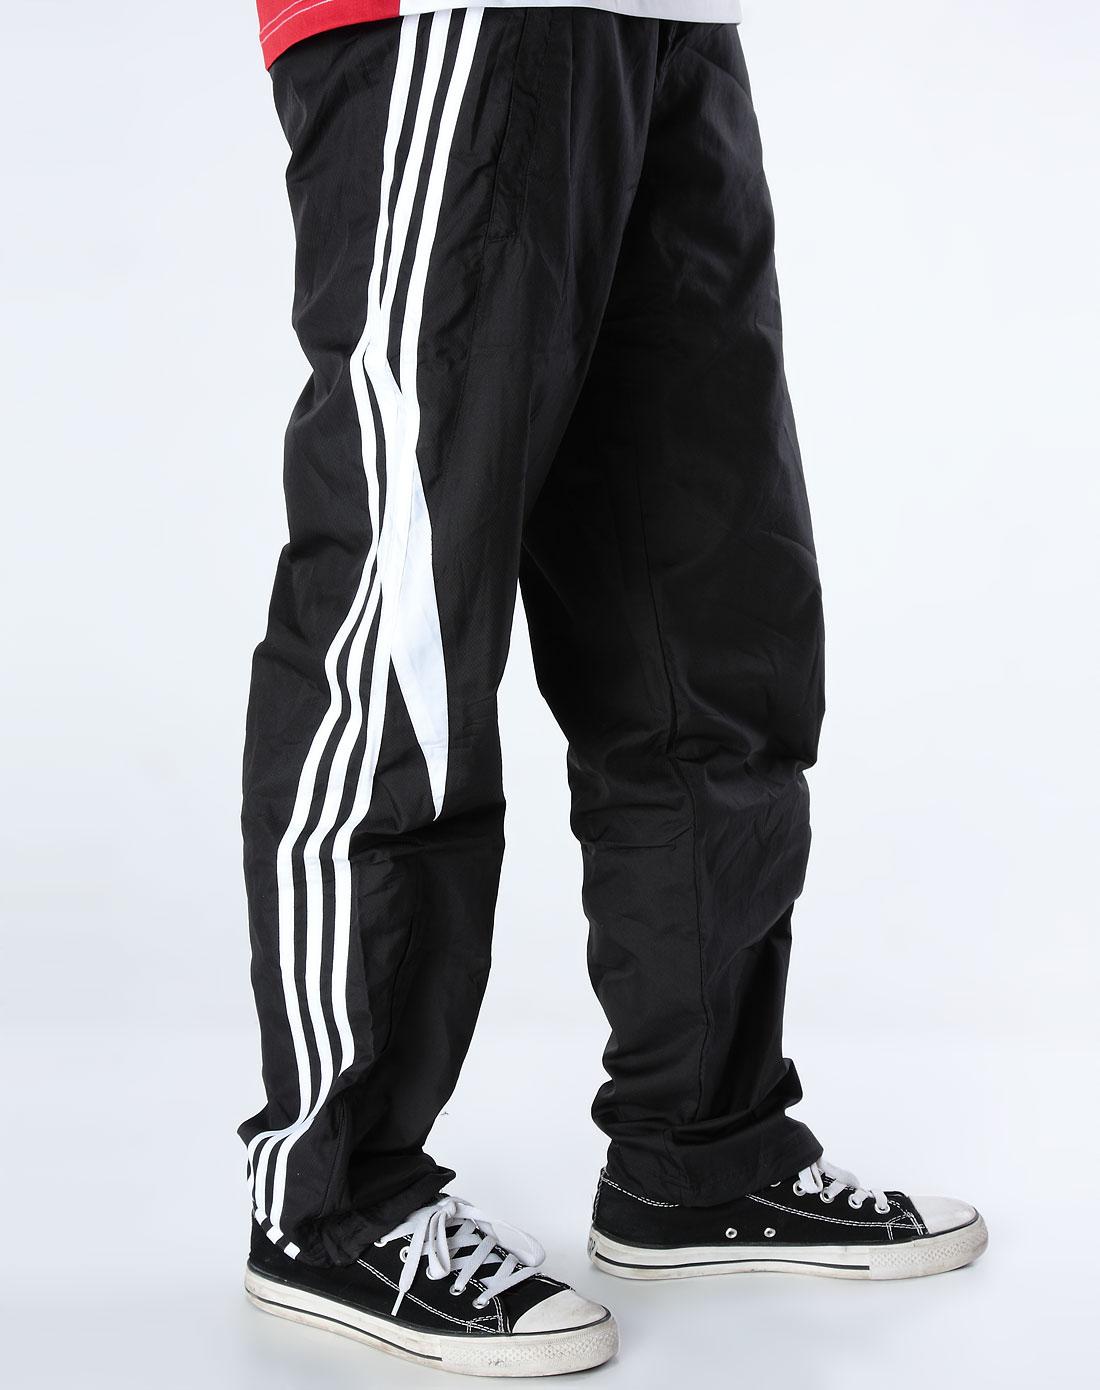 阿迪达斯adidas男装专场-男款黑色长裤